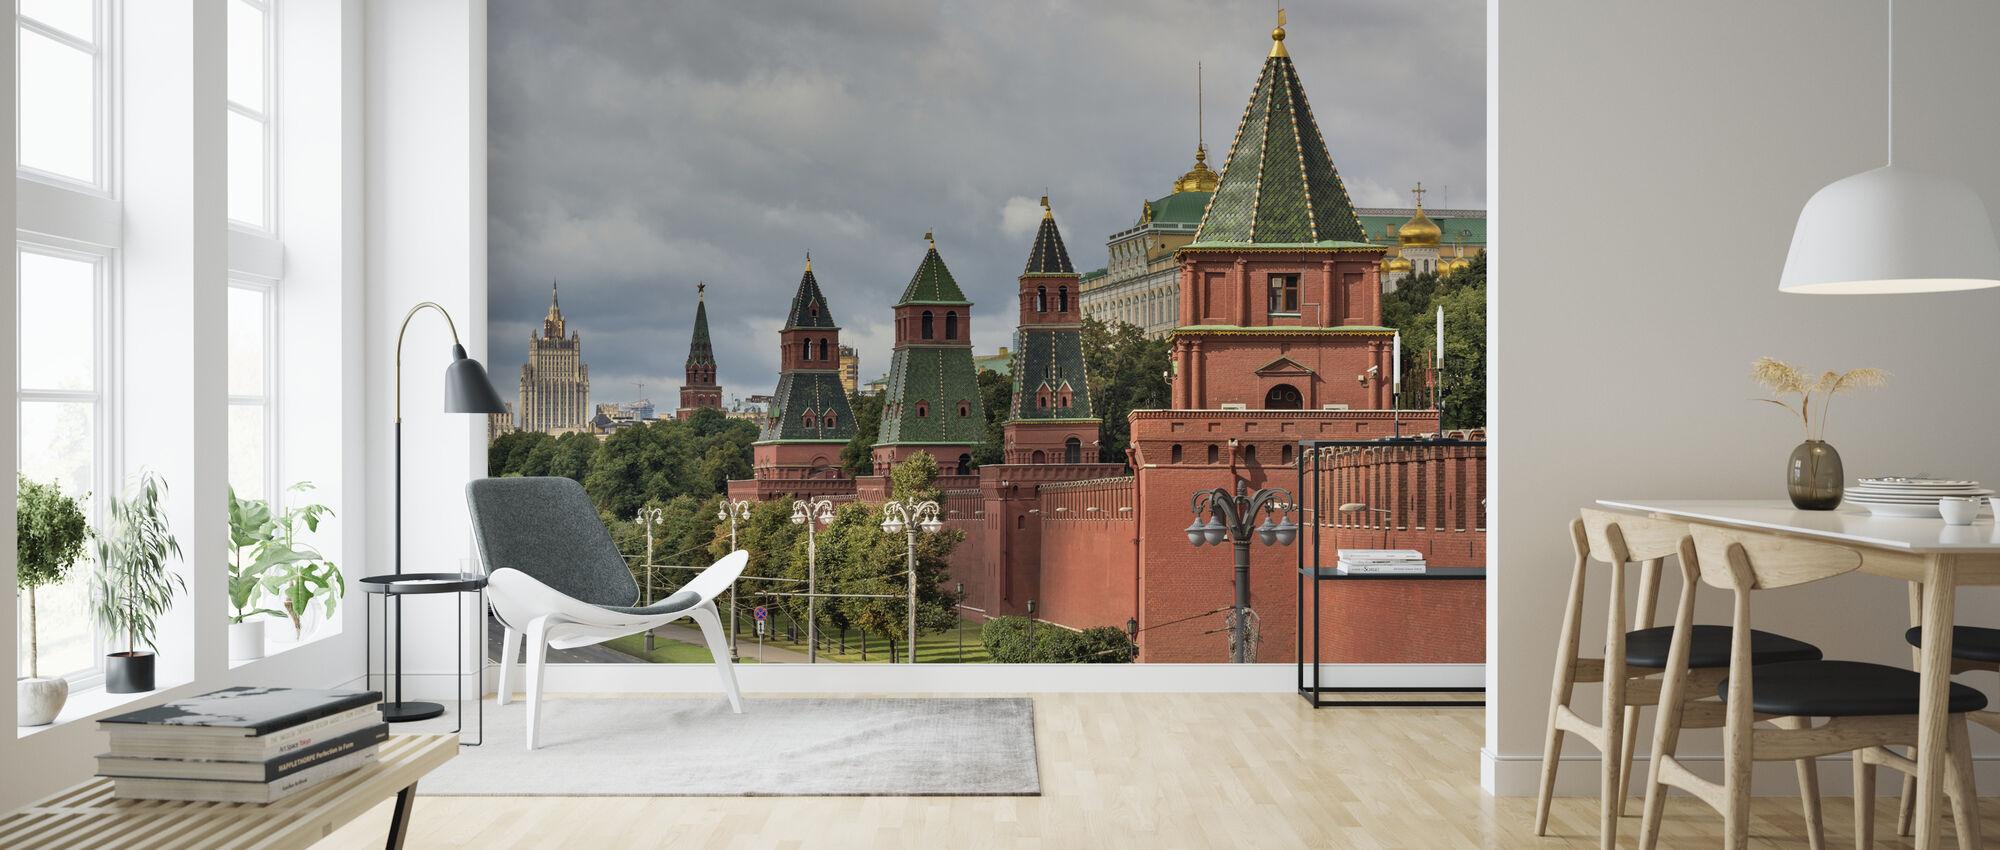 De befestede murene i Moskva Kreml - Tapet - Stue